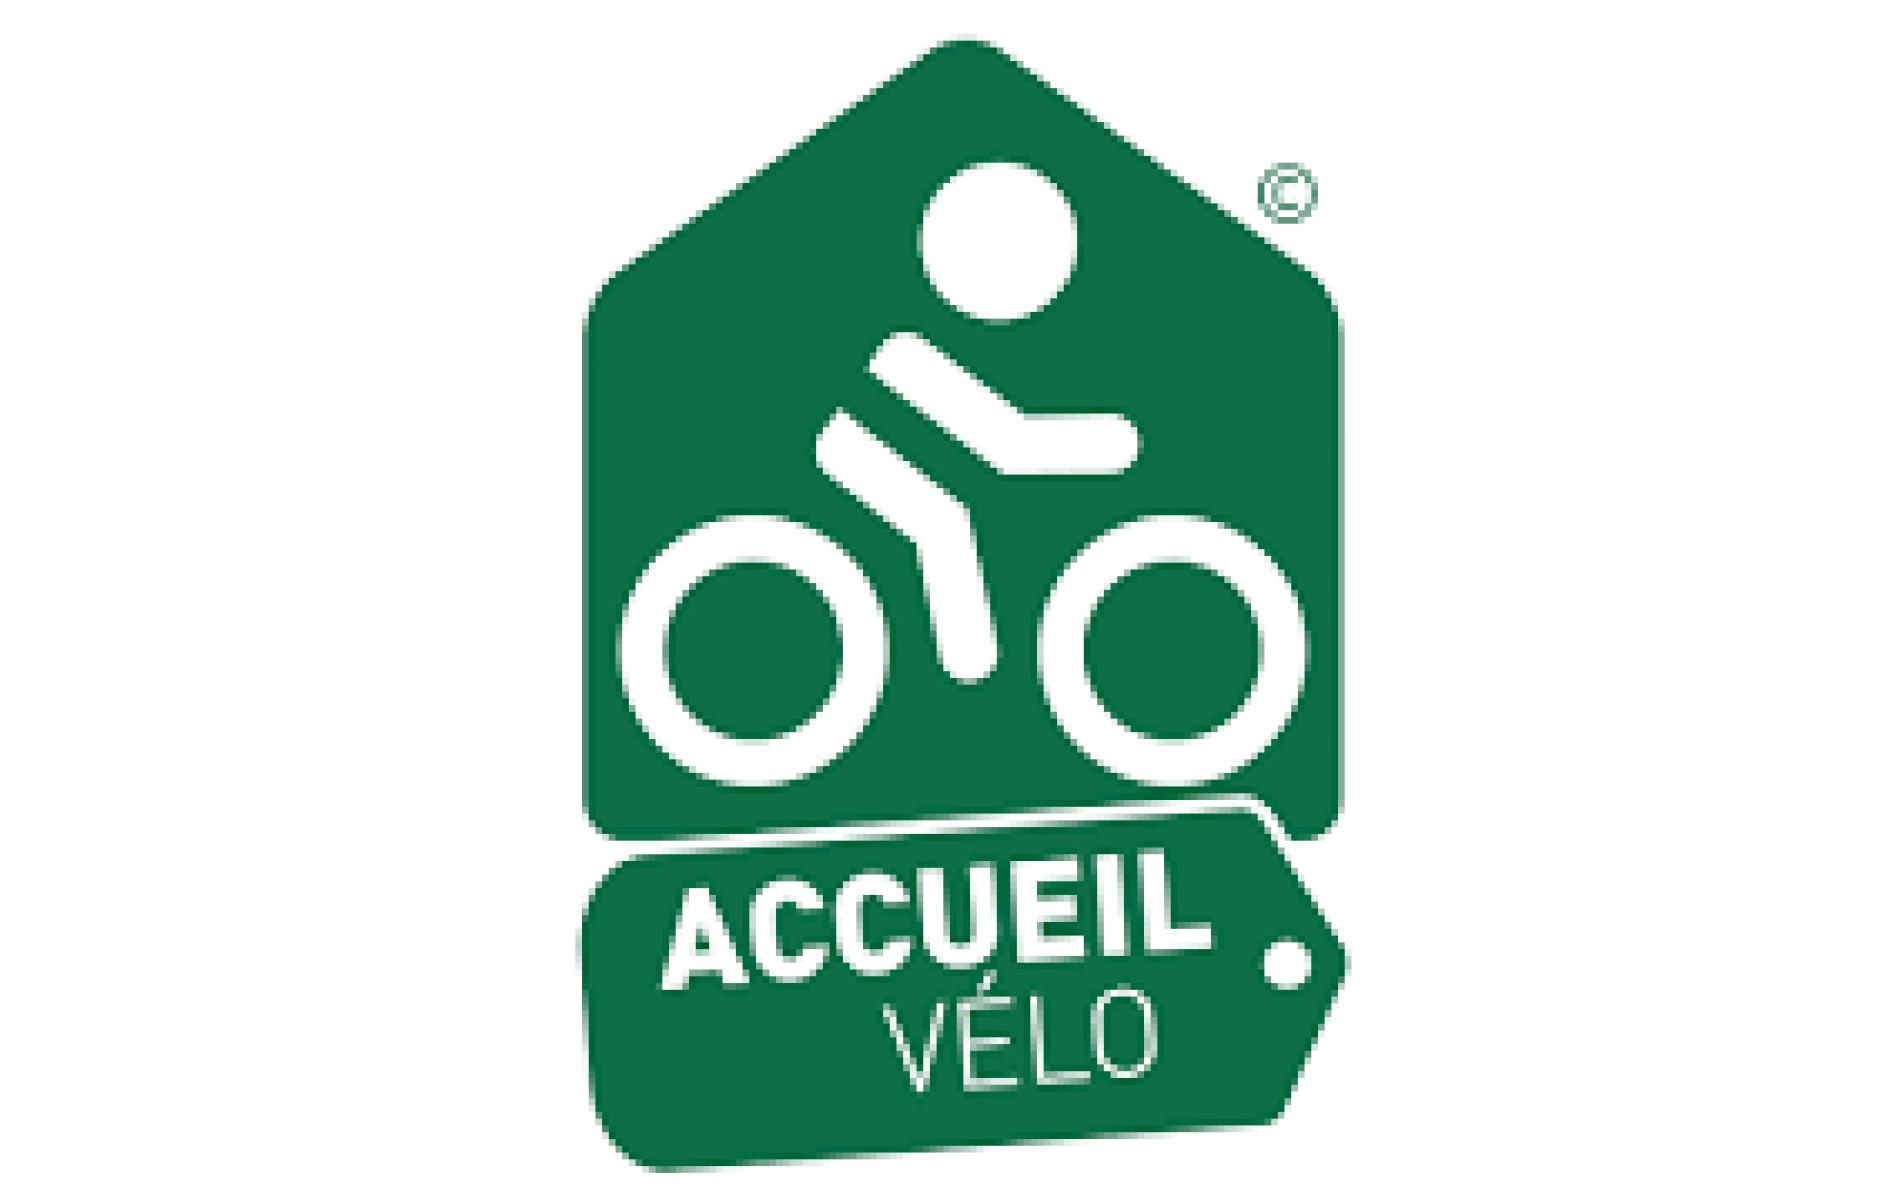 accueil Loire a Vélo